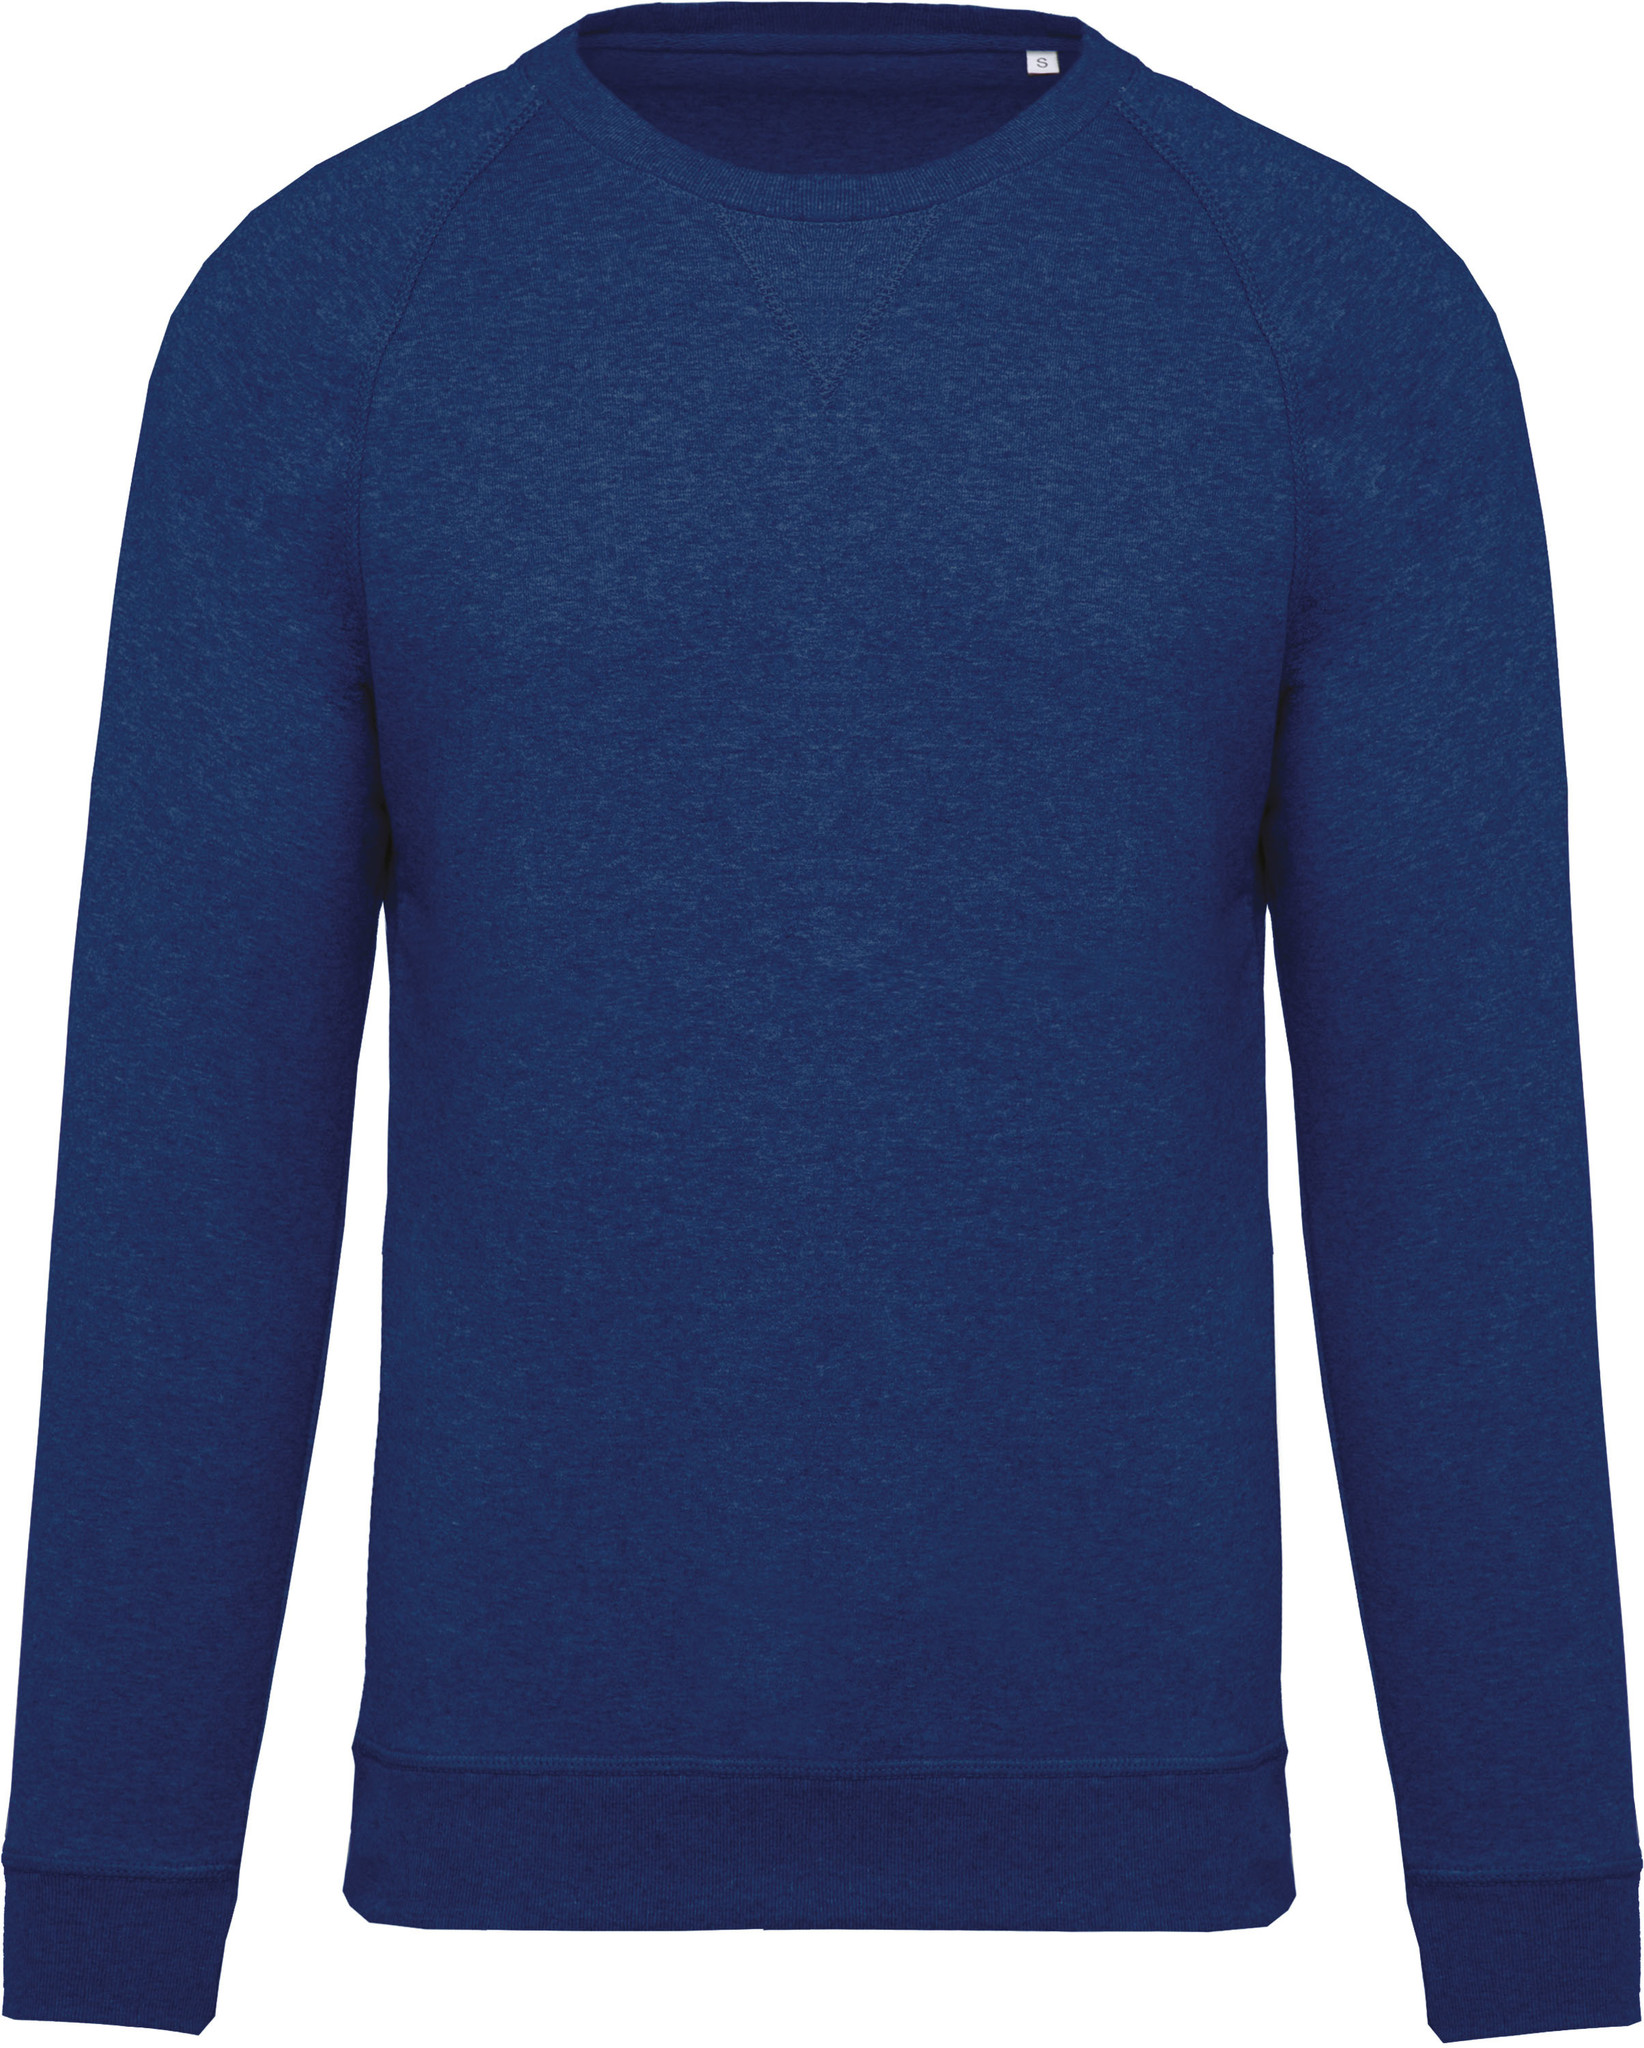 Kariban Kariban - Crewneck Bio Sweater - Hommes